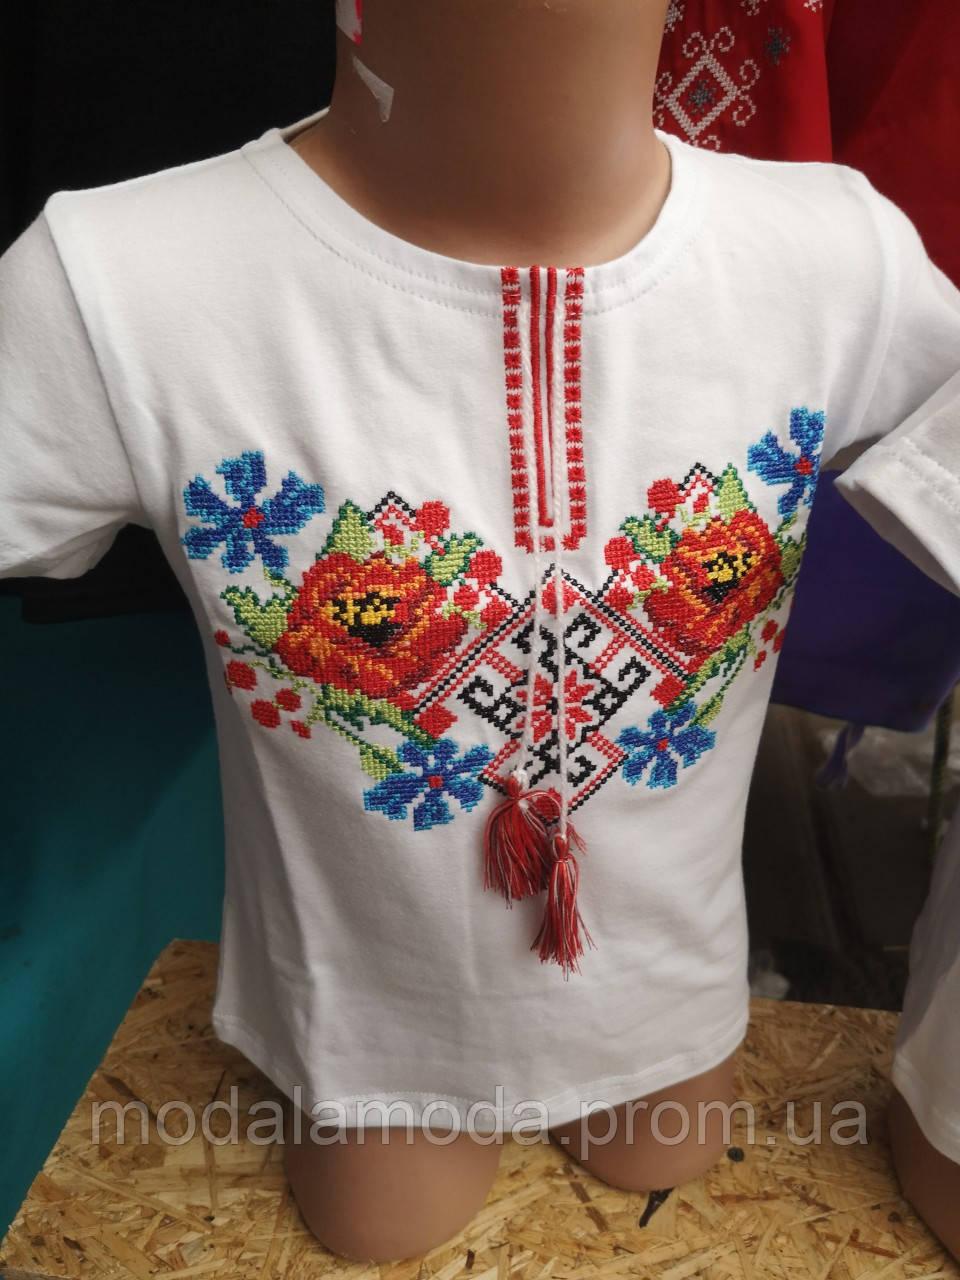 Вышиванка нарядная с цветочным орнаментом для девочки